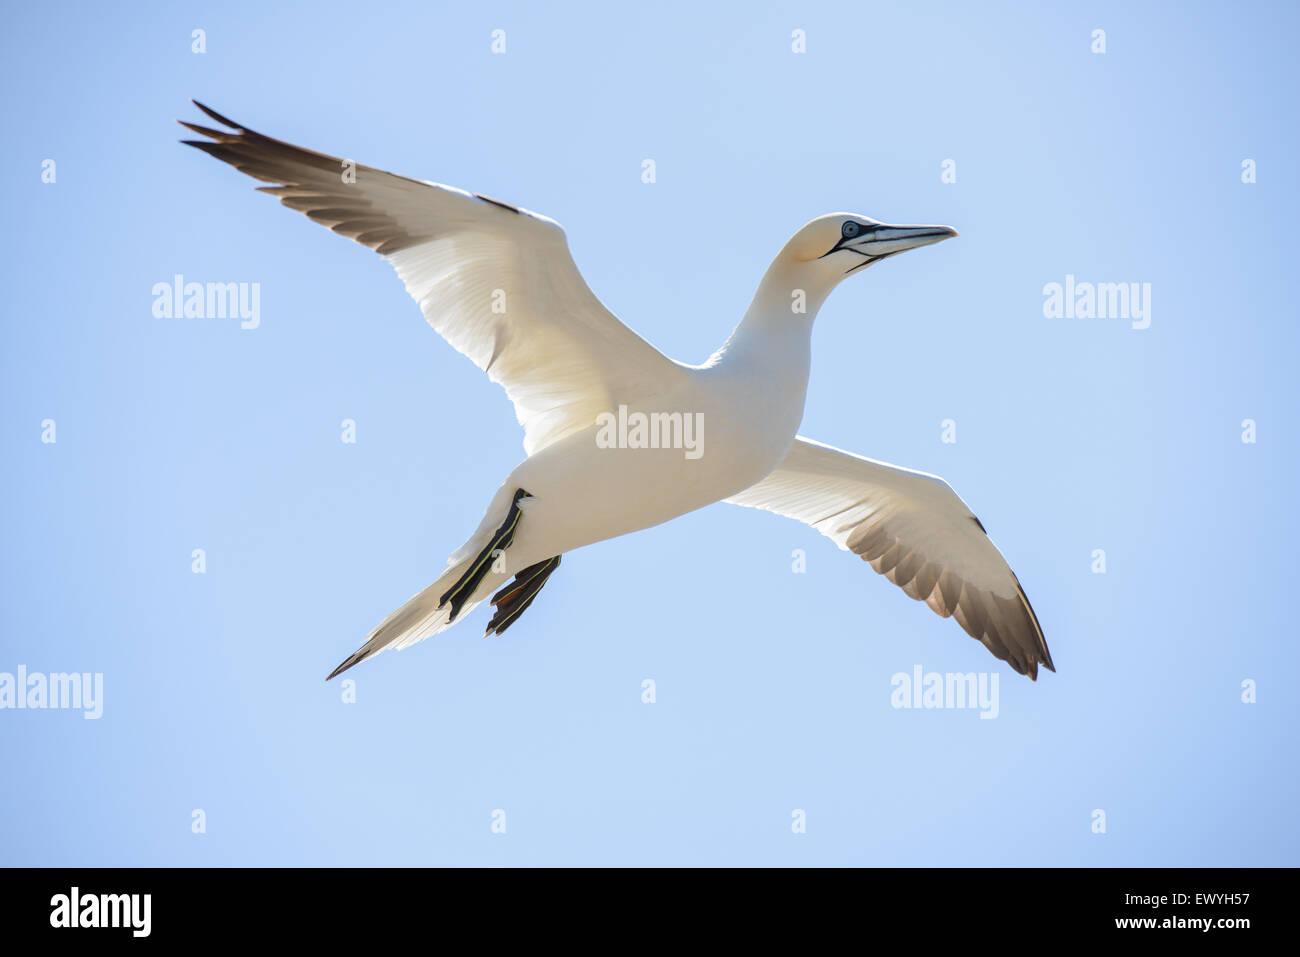 Gannett settentrionale volare nel cielo Immagini Stock